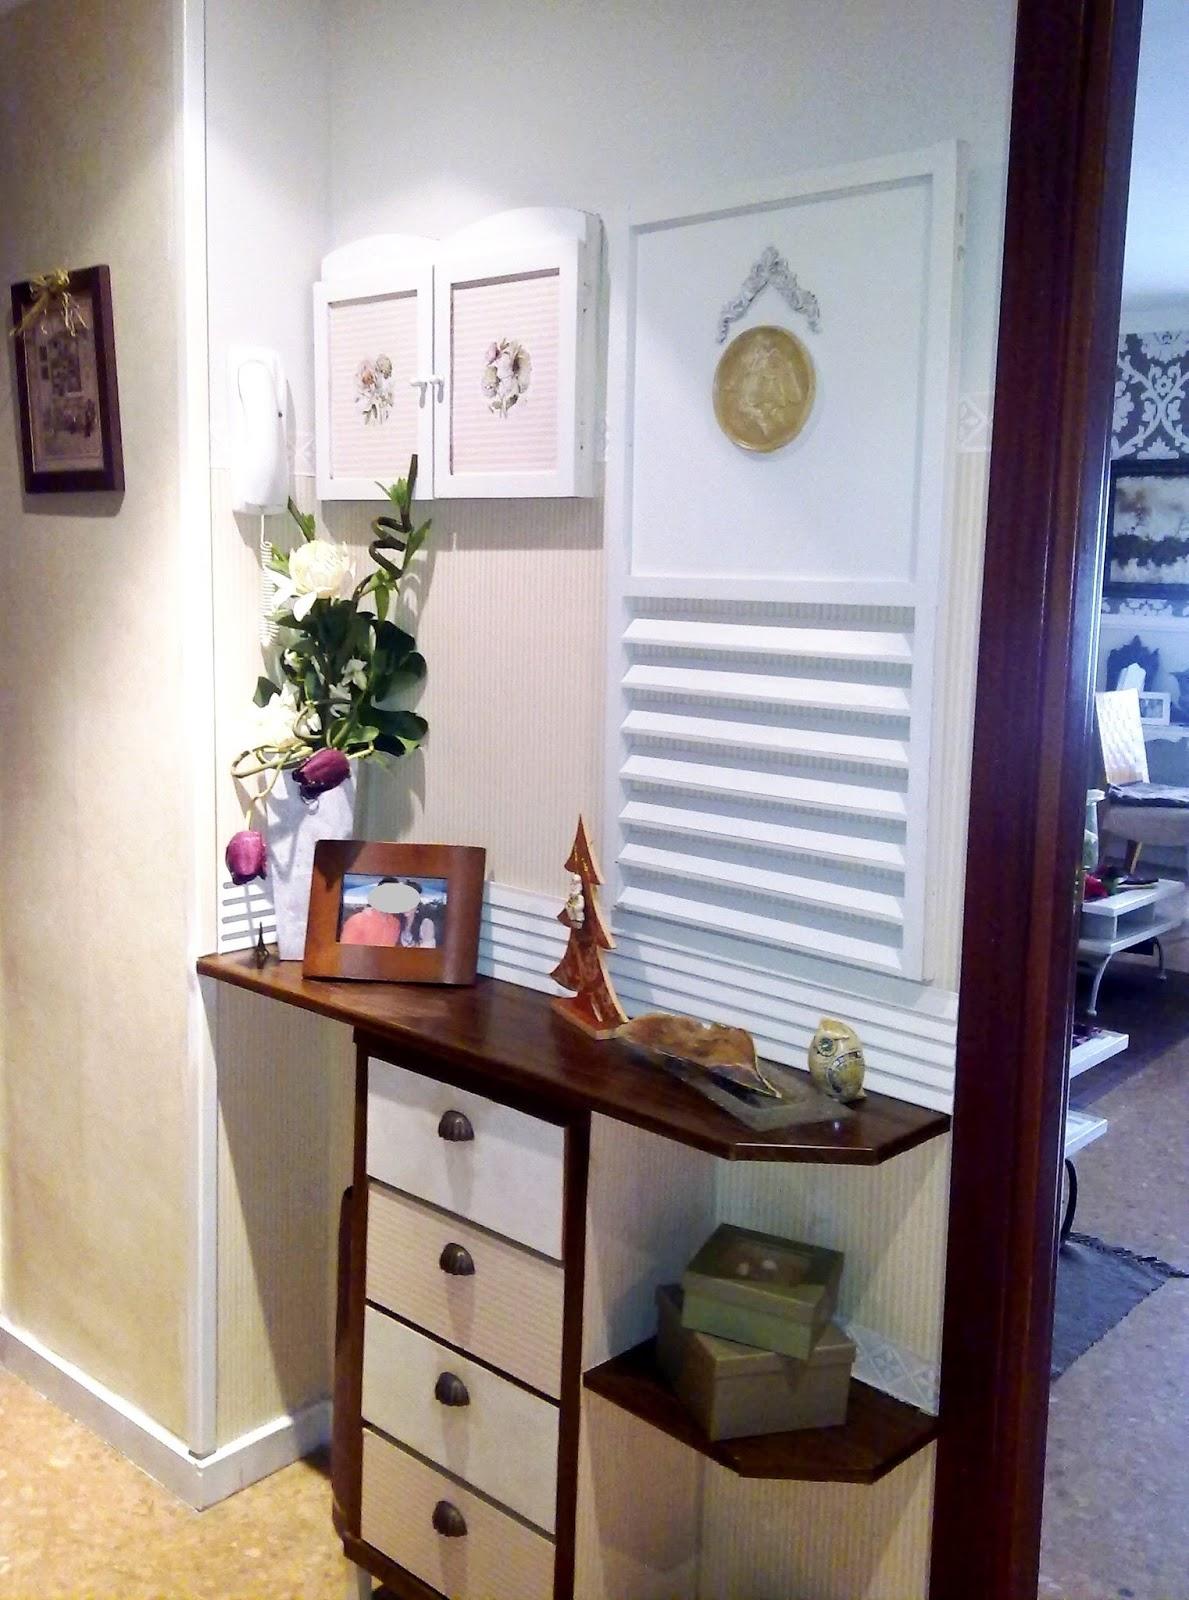 Decora tu vida diy cambio de decoraci n el recibidor - Decoracion para recibidores ...